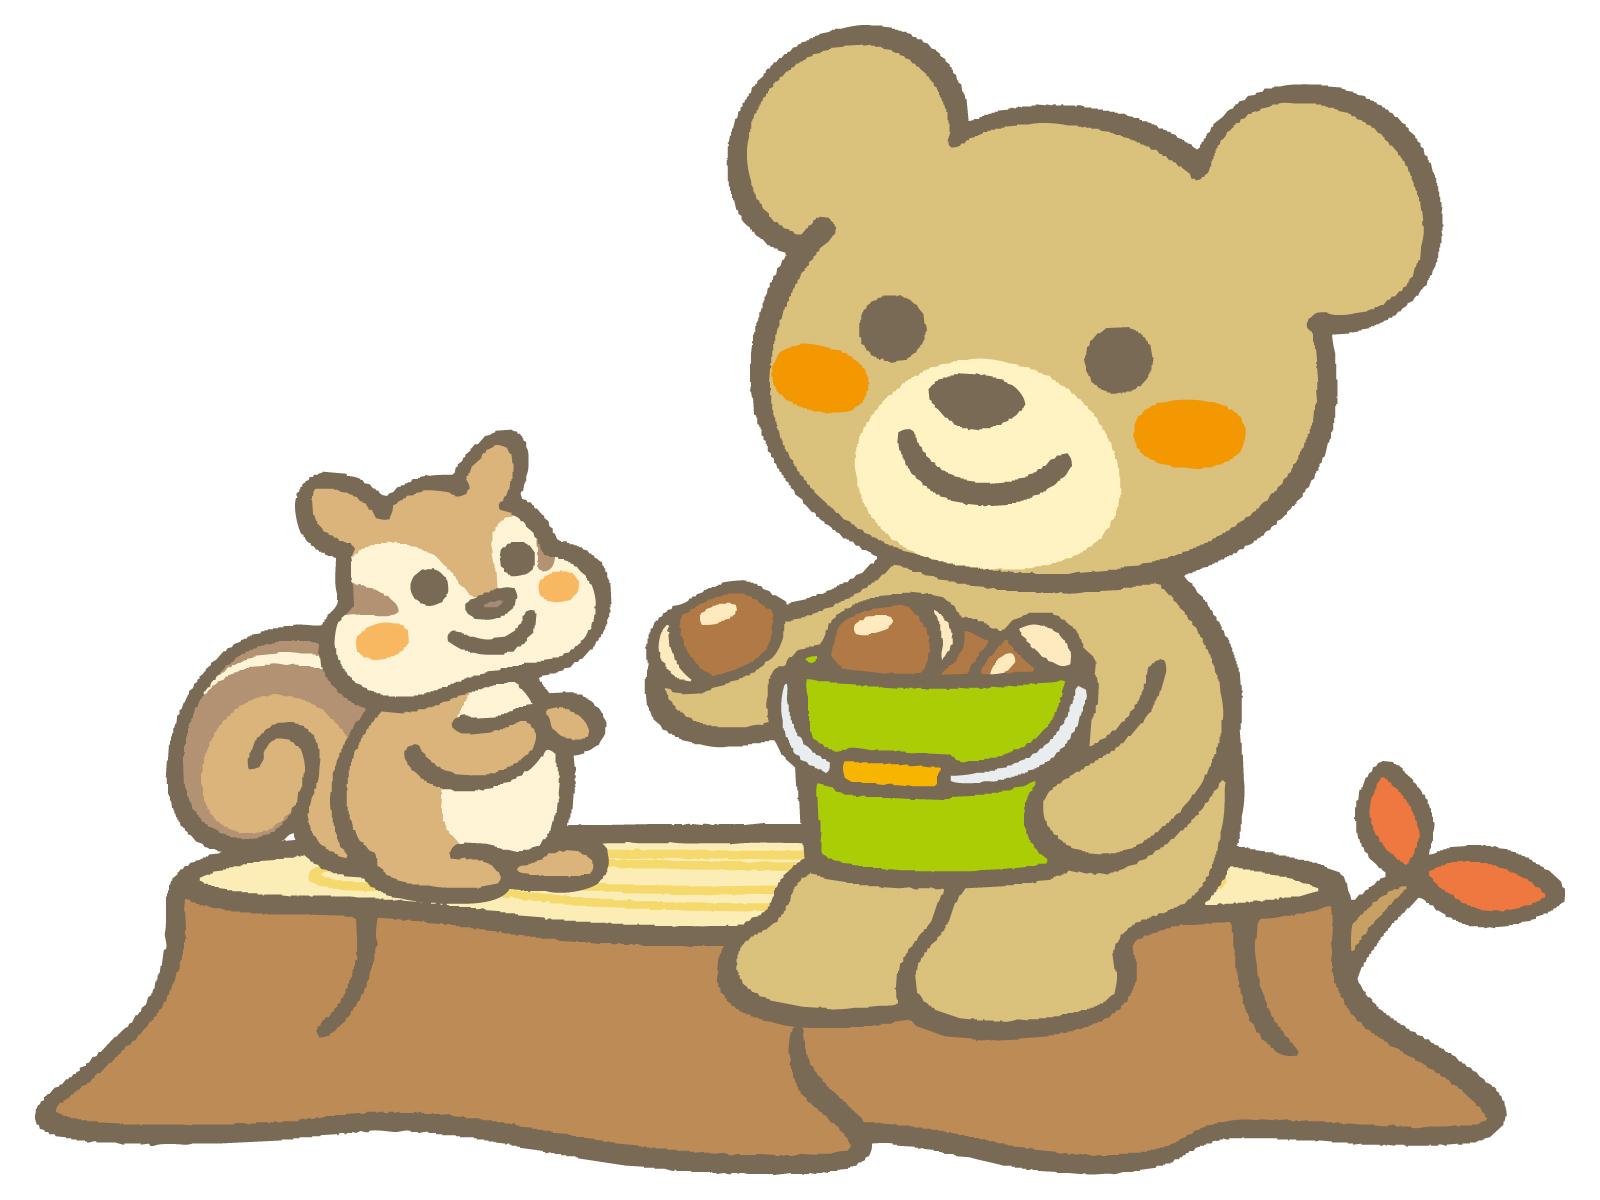 木の実をおすそ分けしている熊